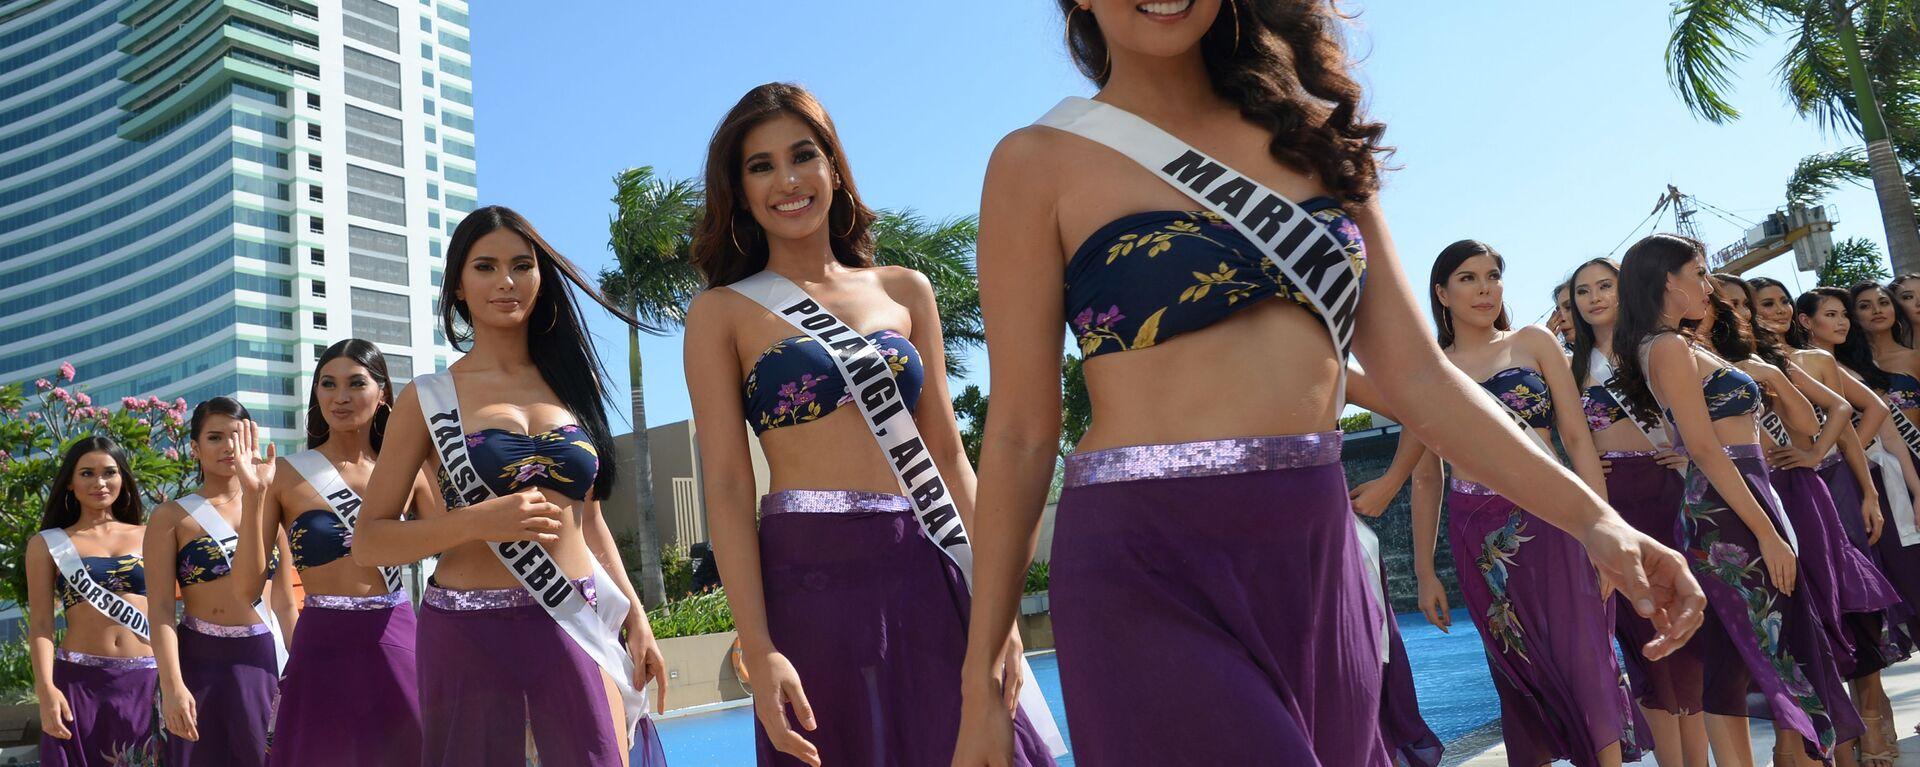 Кандидатки на титул Мисс Филиппины, Манила - Sputnik Ўзбекистон, 1920, 06.05.2021